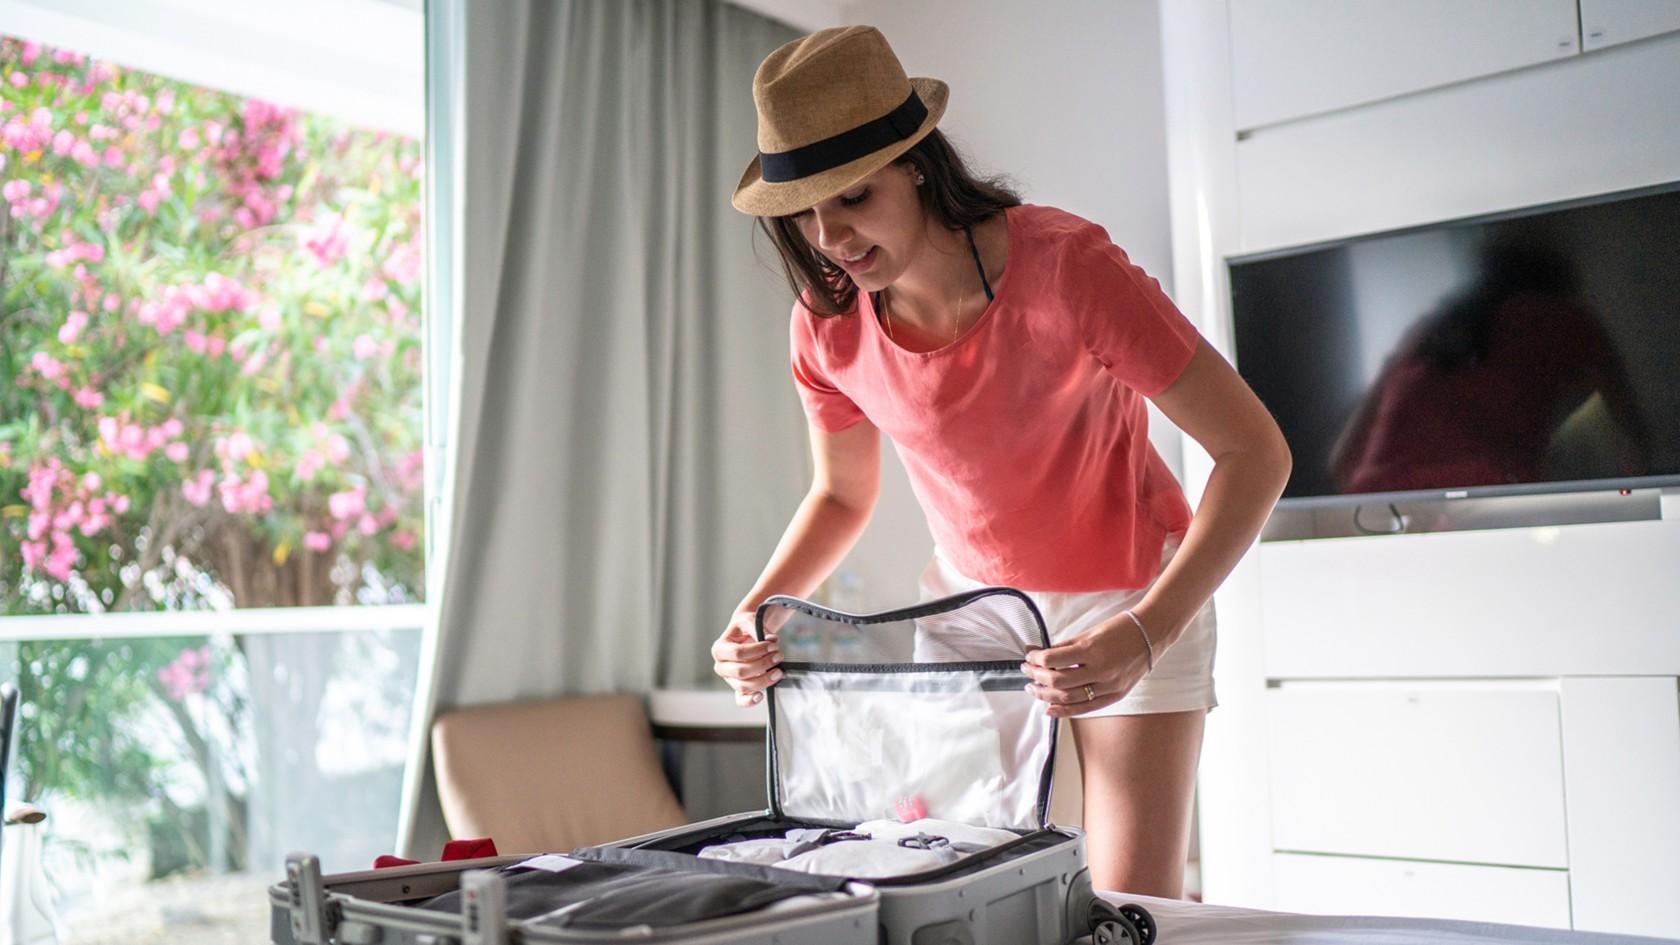 Packliste für eine perfekte Urlaubsvorbereitung, Frau mit Hut packt ihren Koffer